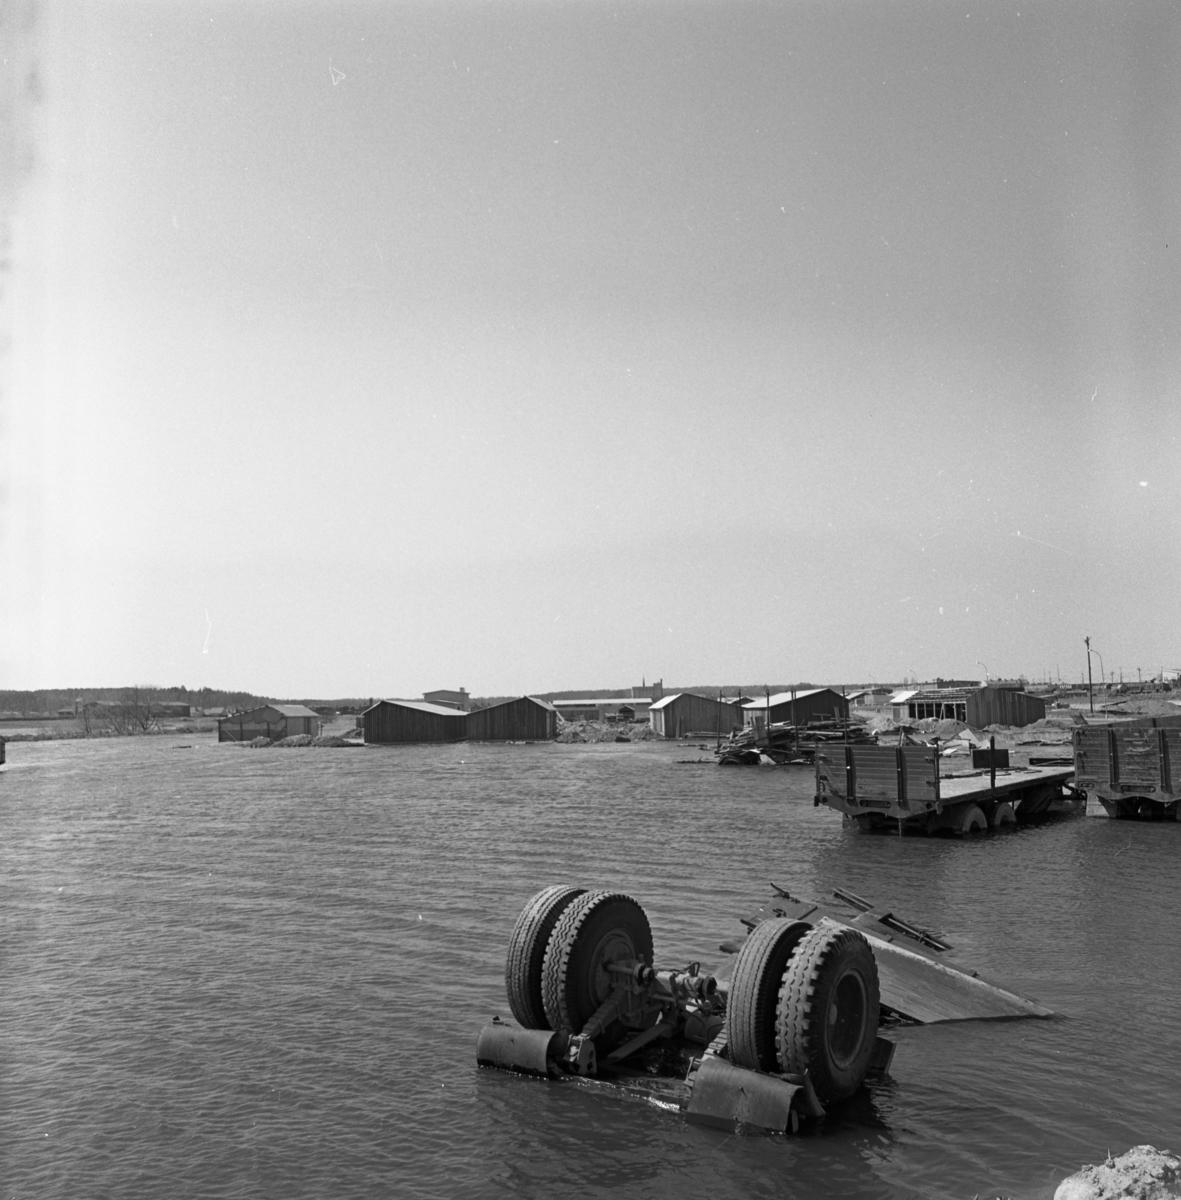 Arbogaån svämmar över. Norra Ågatan är drabbad av översvämning. Lastbilskärror står nedsänkta i vattnet, några hjul sticker upp över ytan. Längre bort, i bild, ligger några skjul omgivna av vatten.